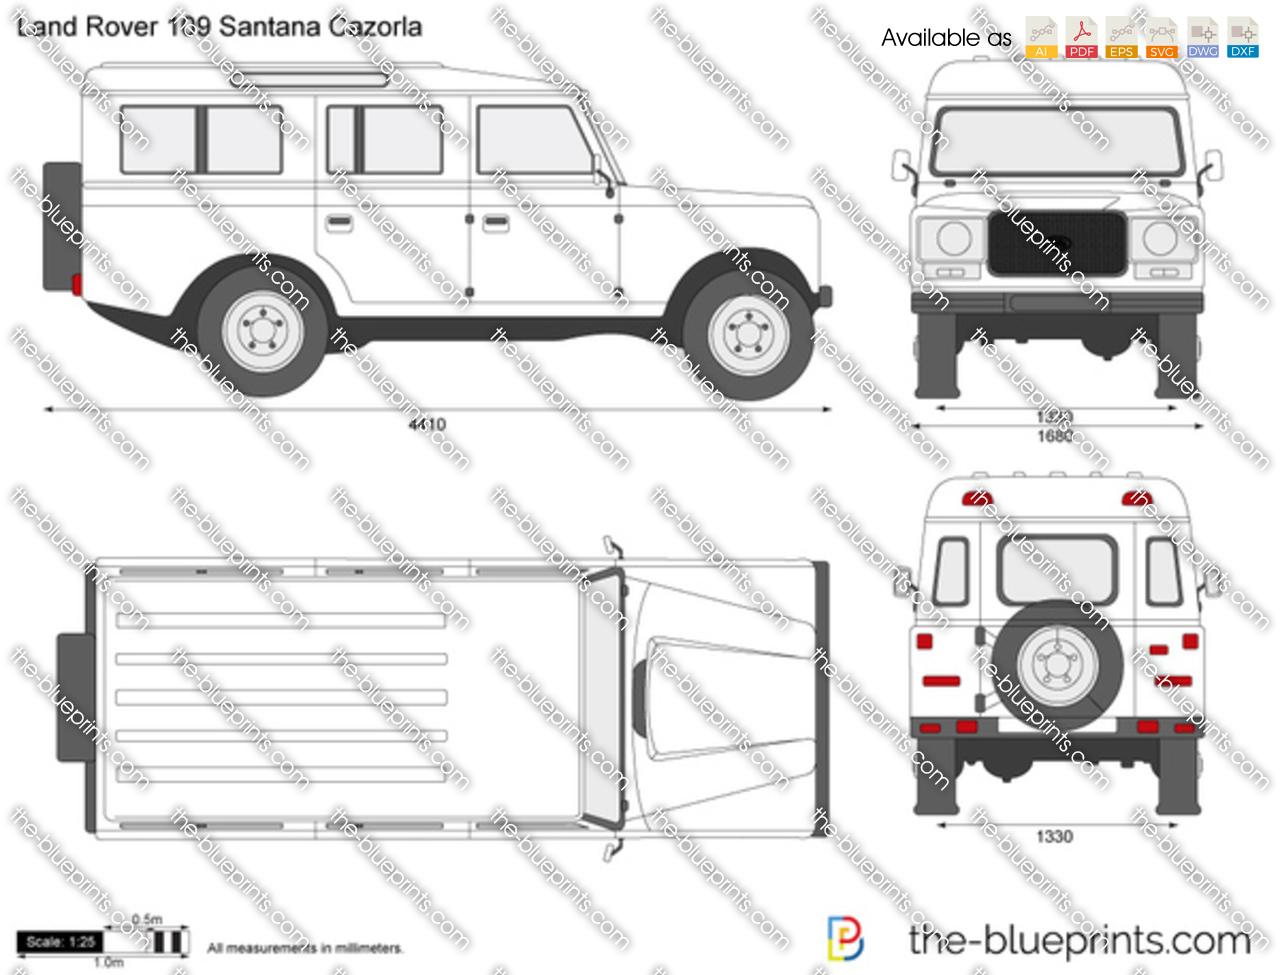 Land Rover 109 Santana Cazorla